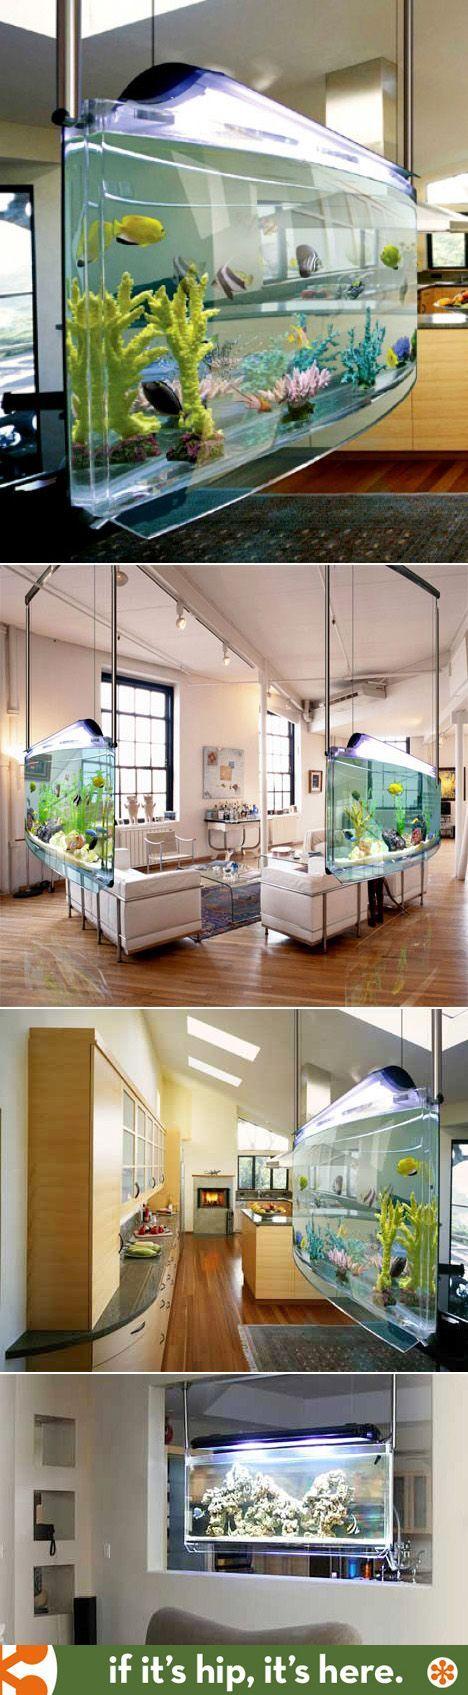 The Spacearium, a wonderful suspended fish tank / aquarium from Aquatic  Perfecti.